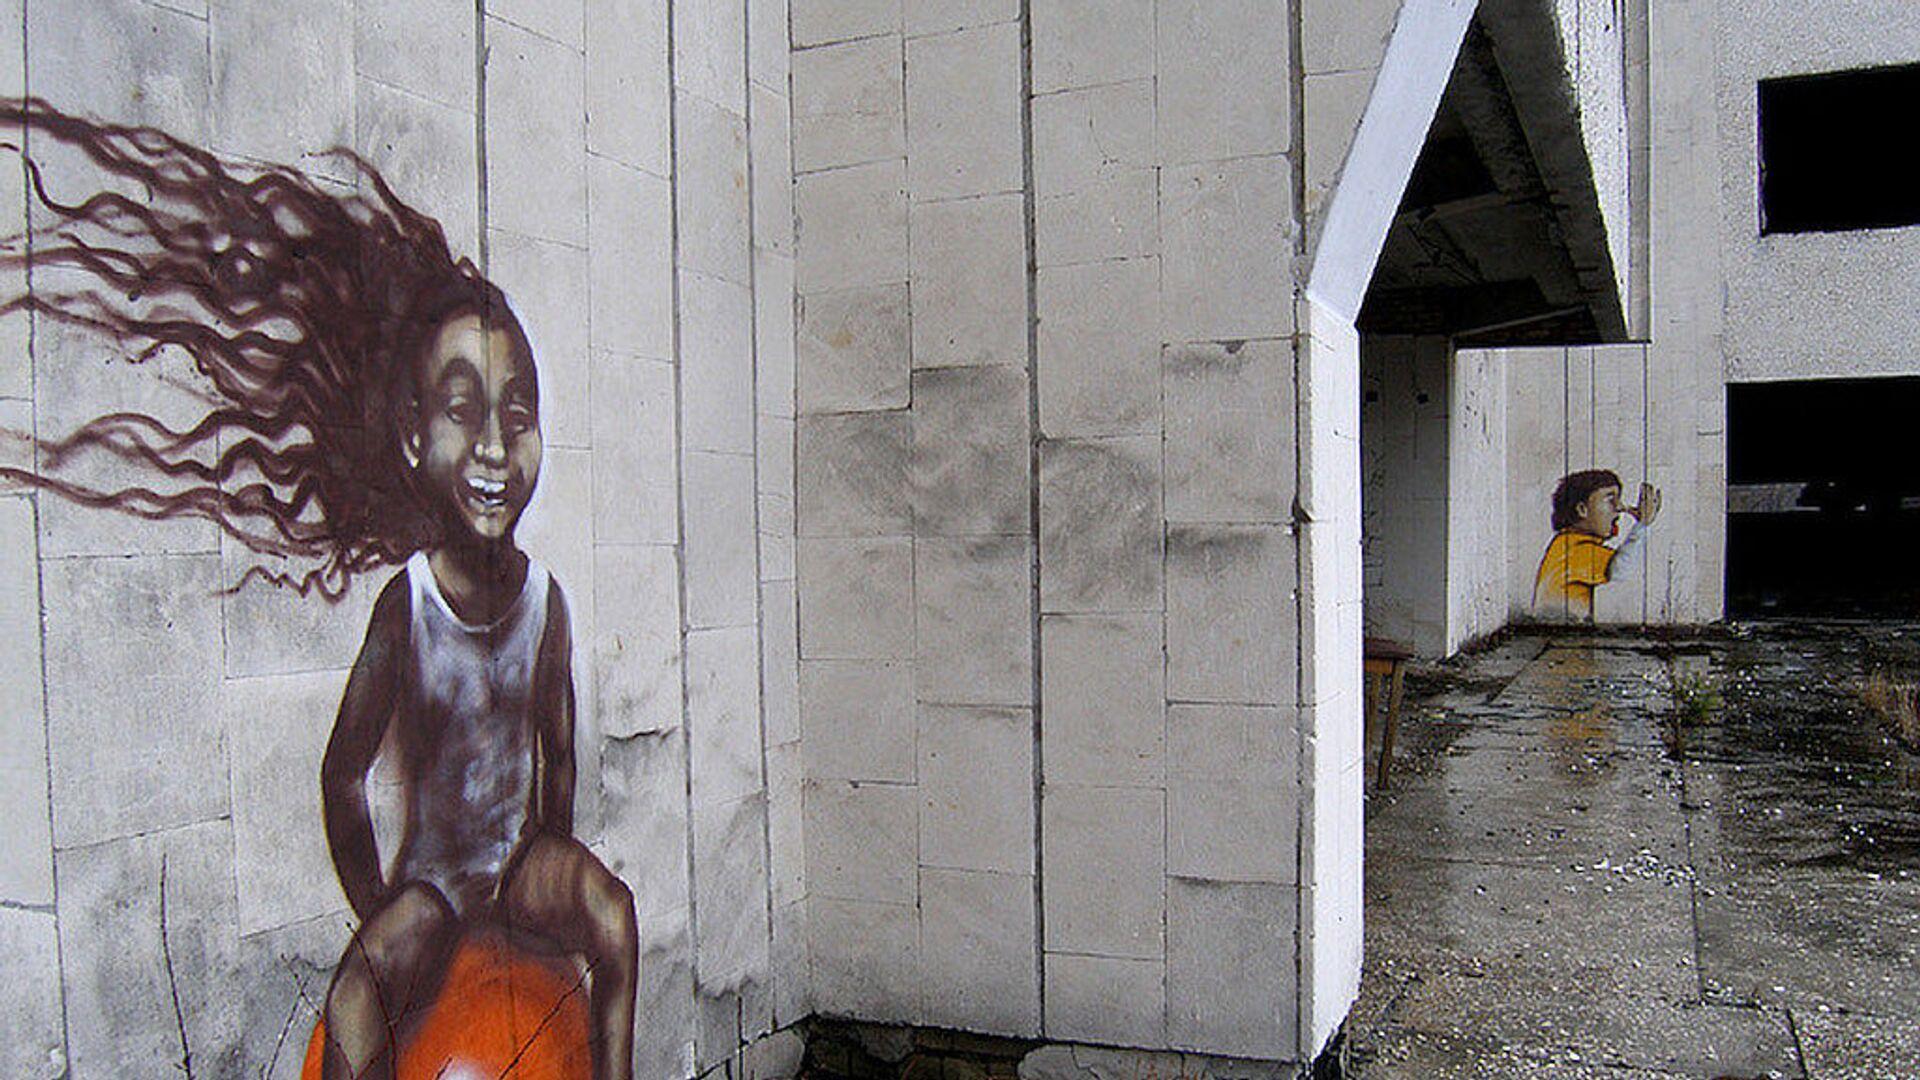 Graffiti w strefie elektrowni jądrowej w Czarnobylu - Sputnik Polska, 1920, 02.07.2021